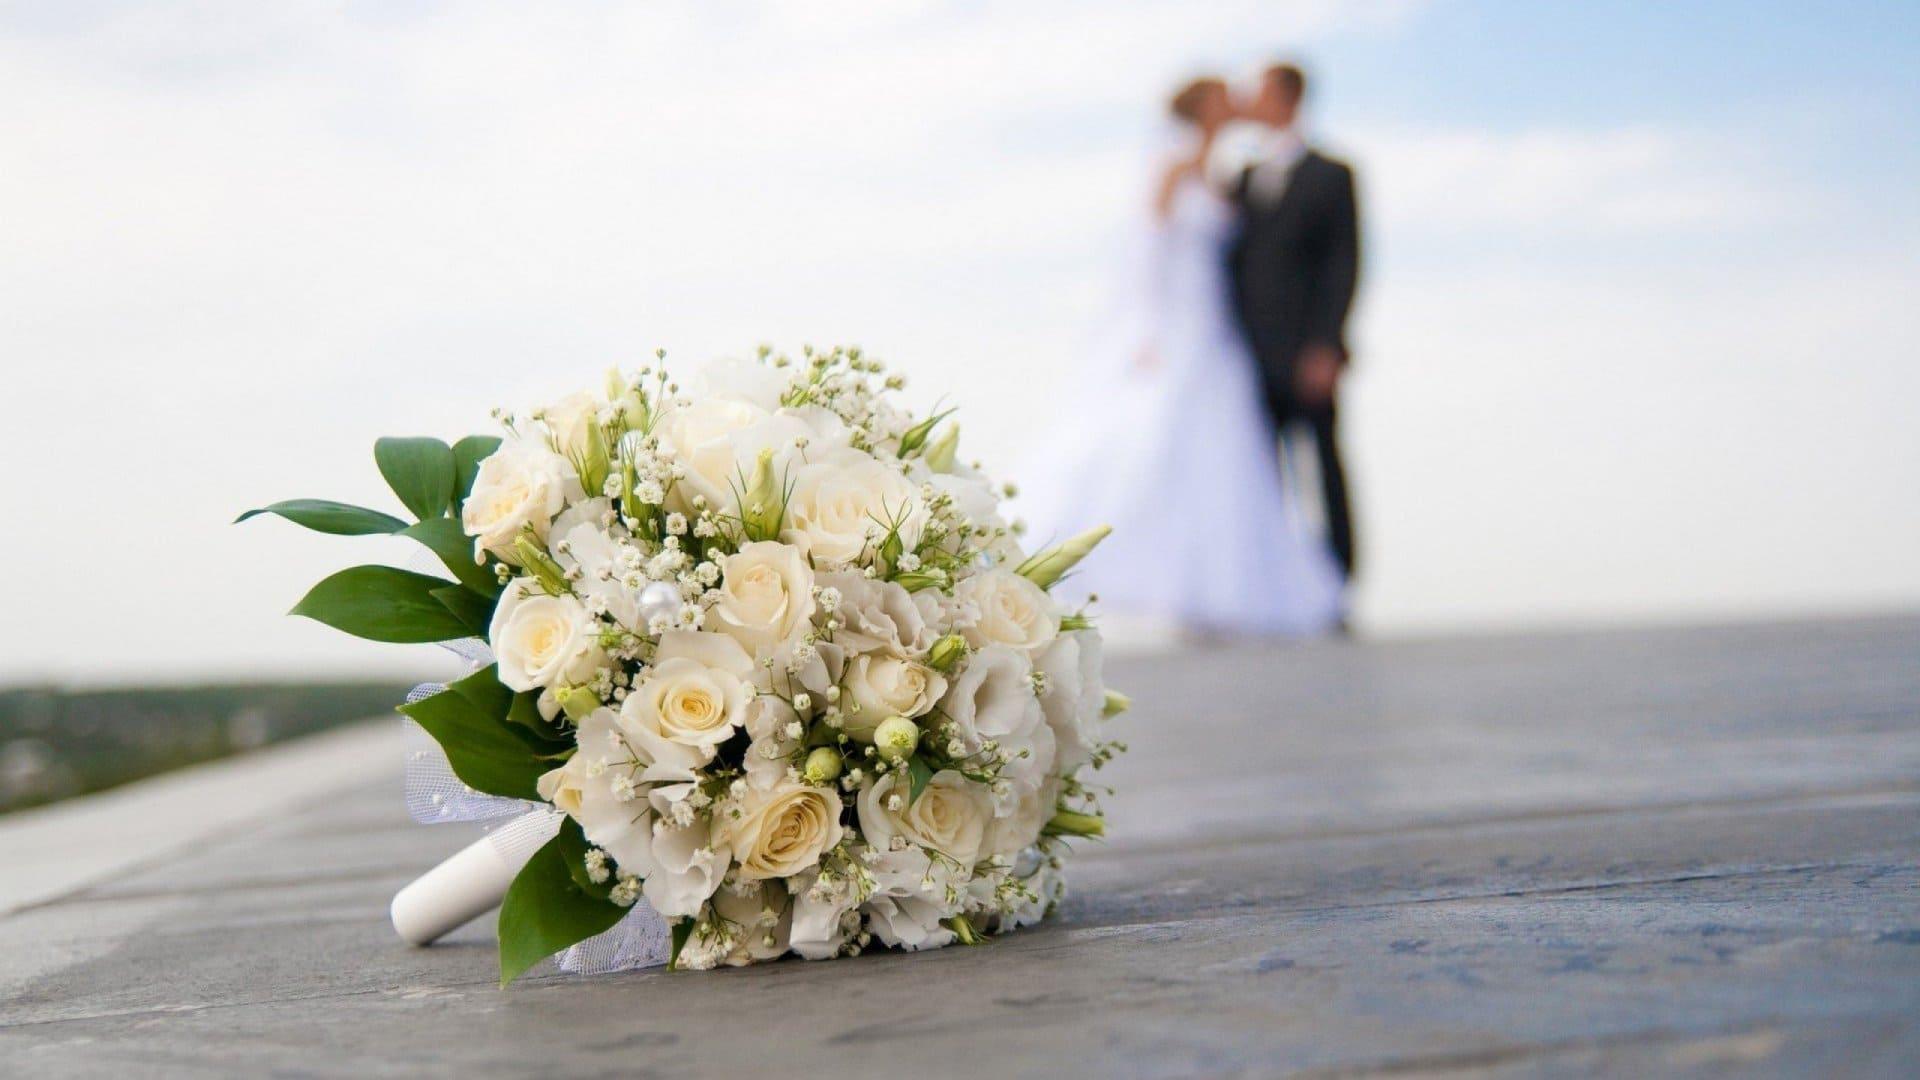 У кого свадьба в феврале, марте или мае? Сюрприз :)